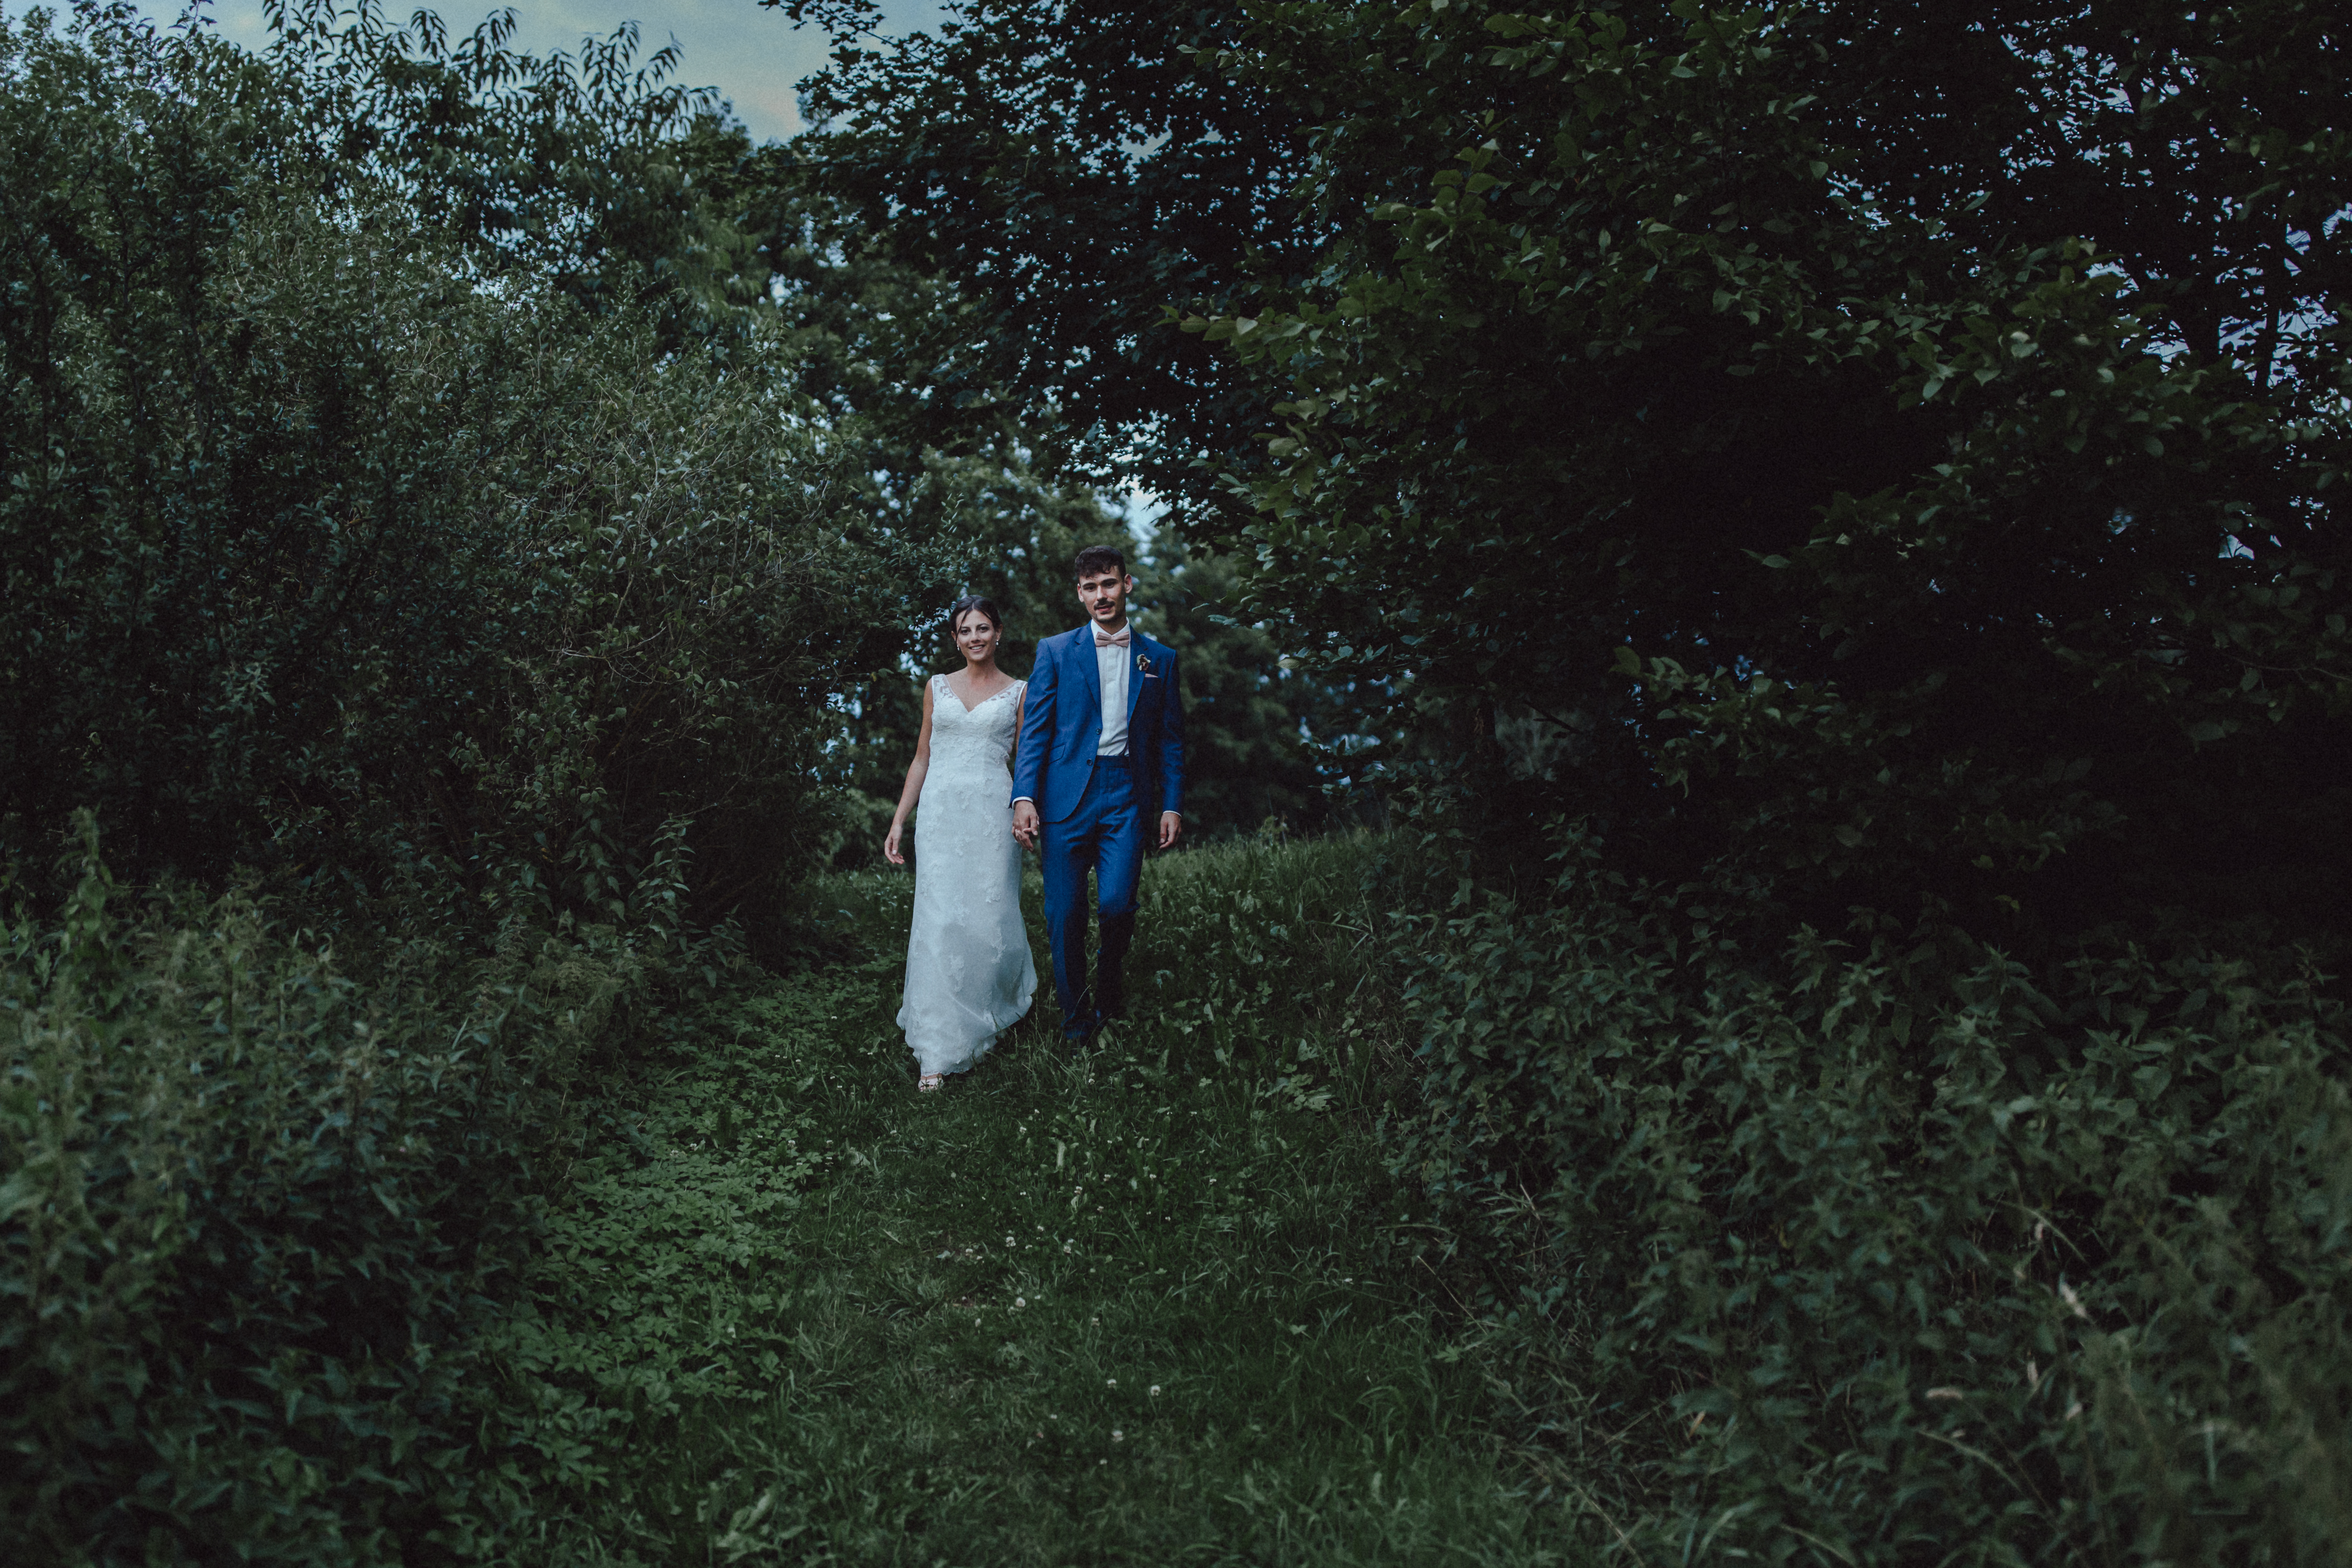 URBANERIE_Hochzeitsfotografin_Nürnberg_Fürth_Erlangen_Schwabach_170715_001_0023